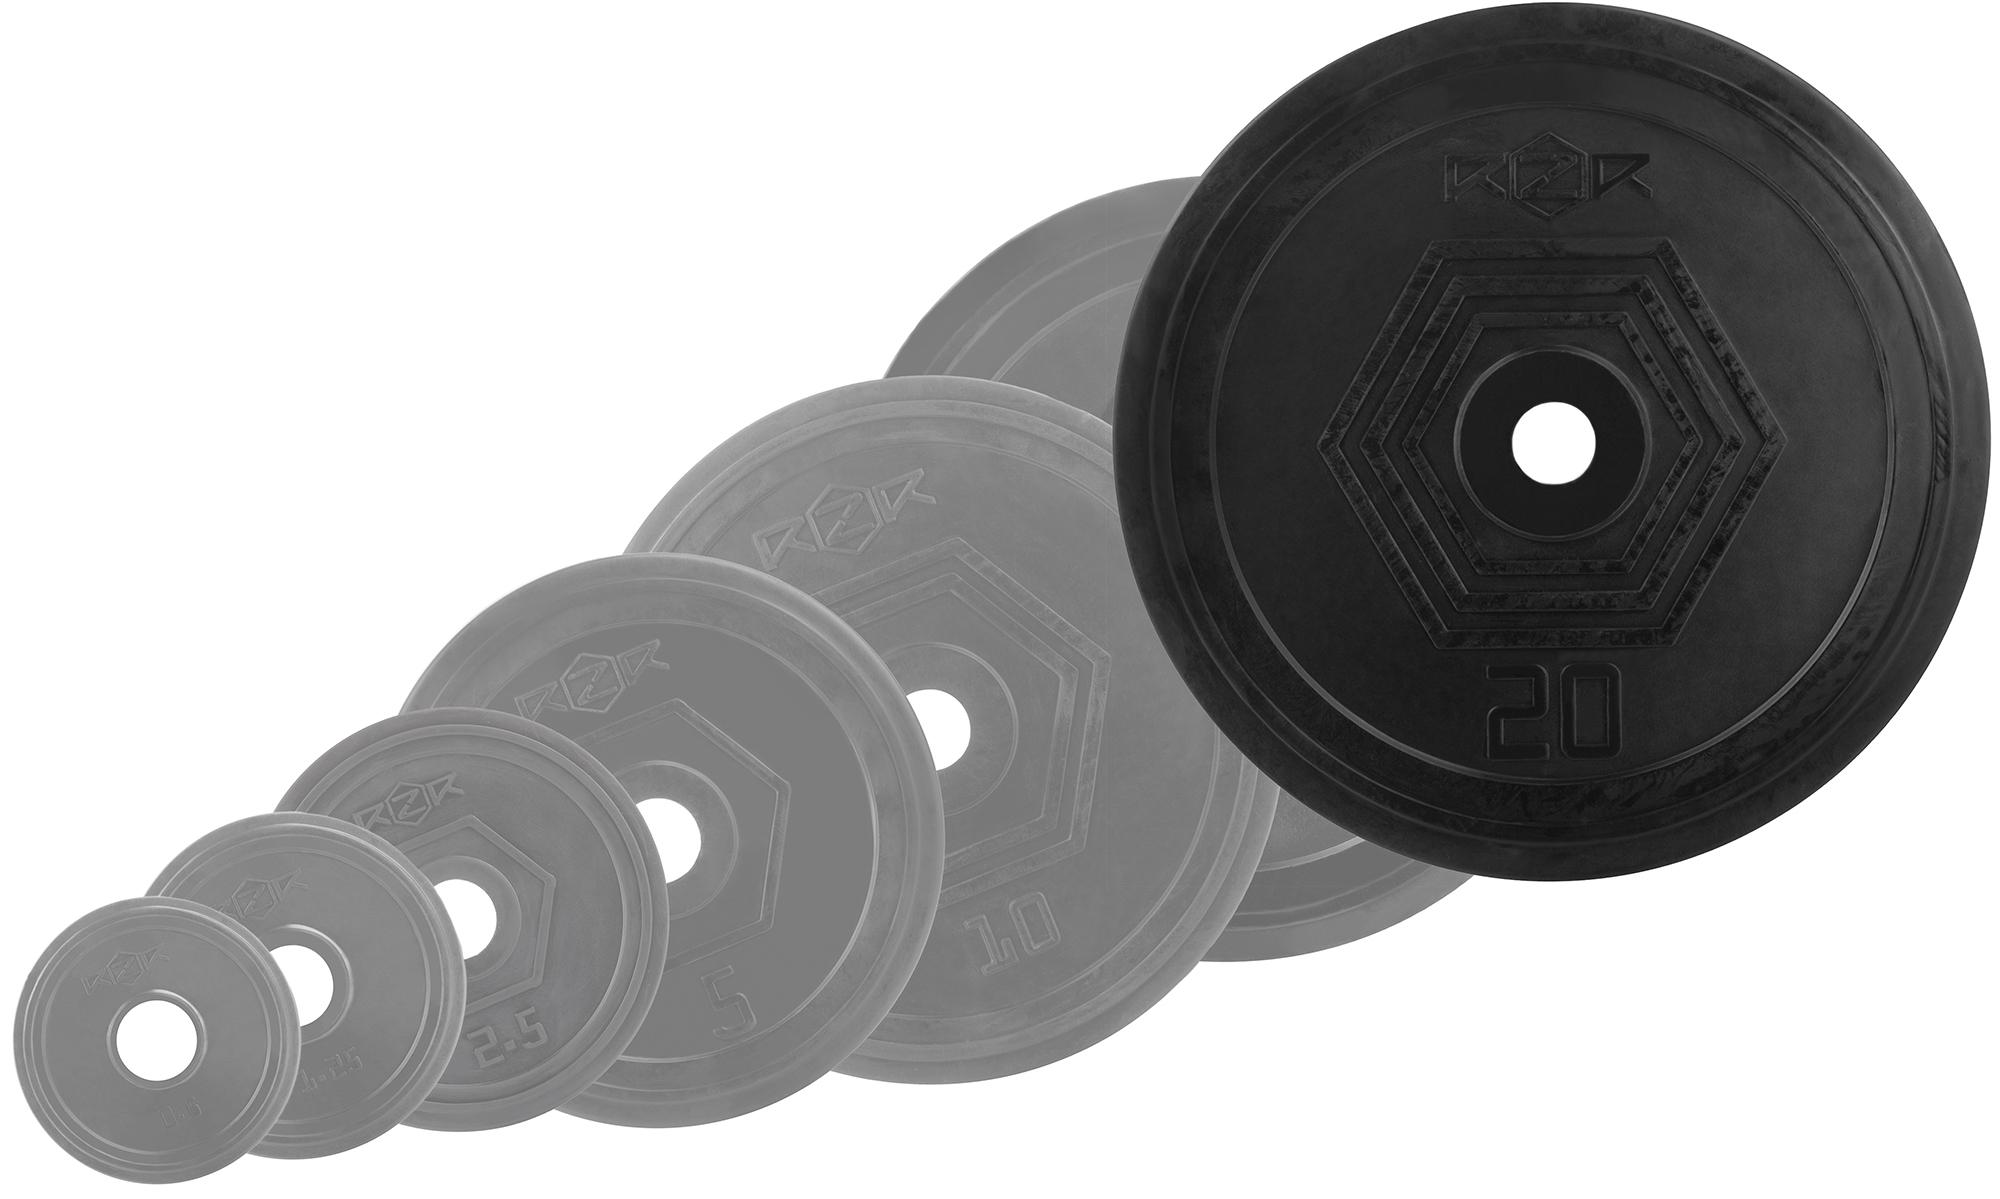 RZR Блин стальной обрезиненный RZR 20 кг блин обрез цветной hawk d 50 мм 20 кг hkpl116 20 d50